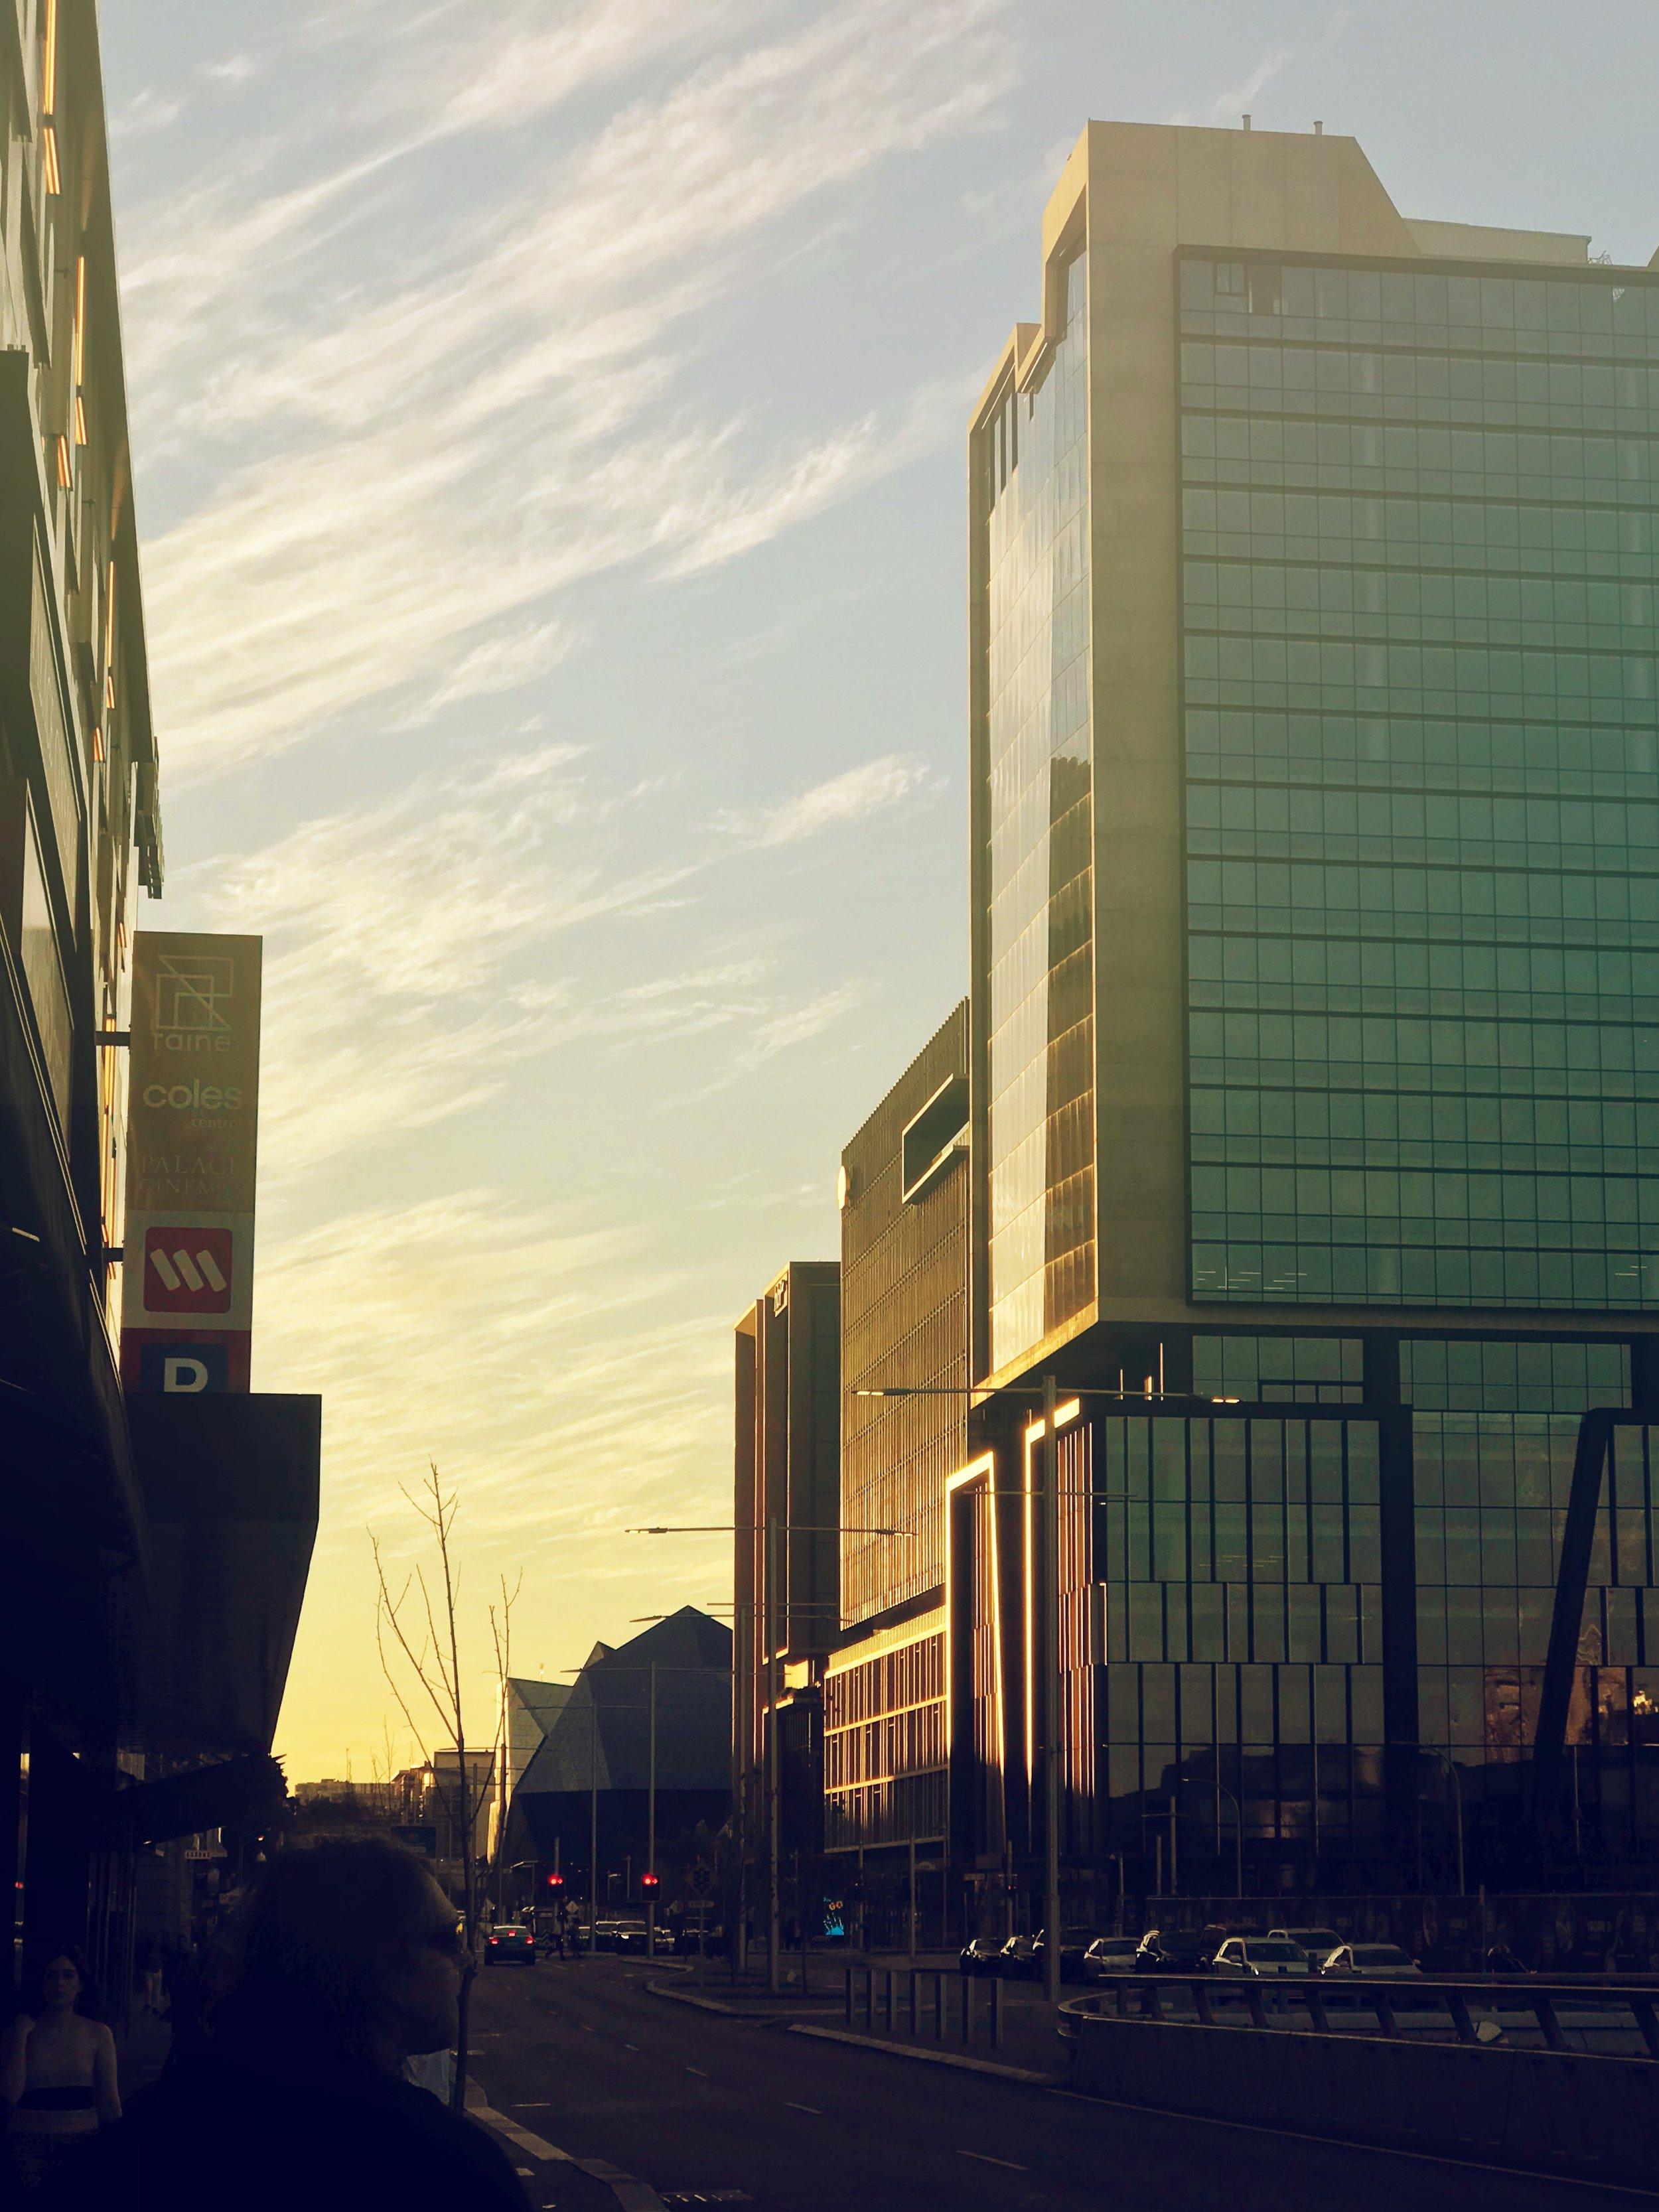 Raine Square Perth